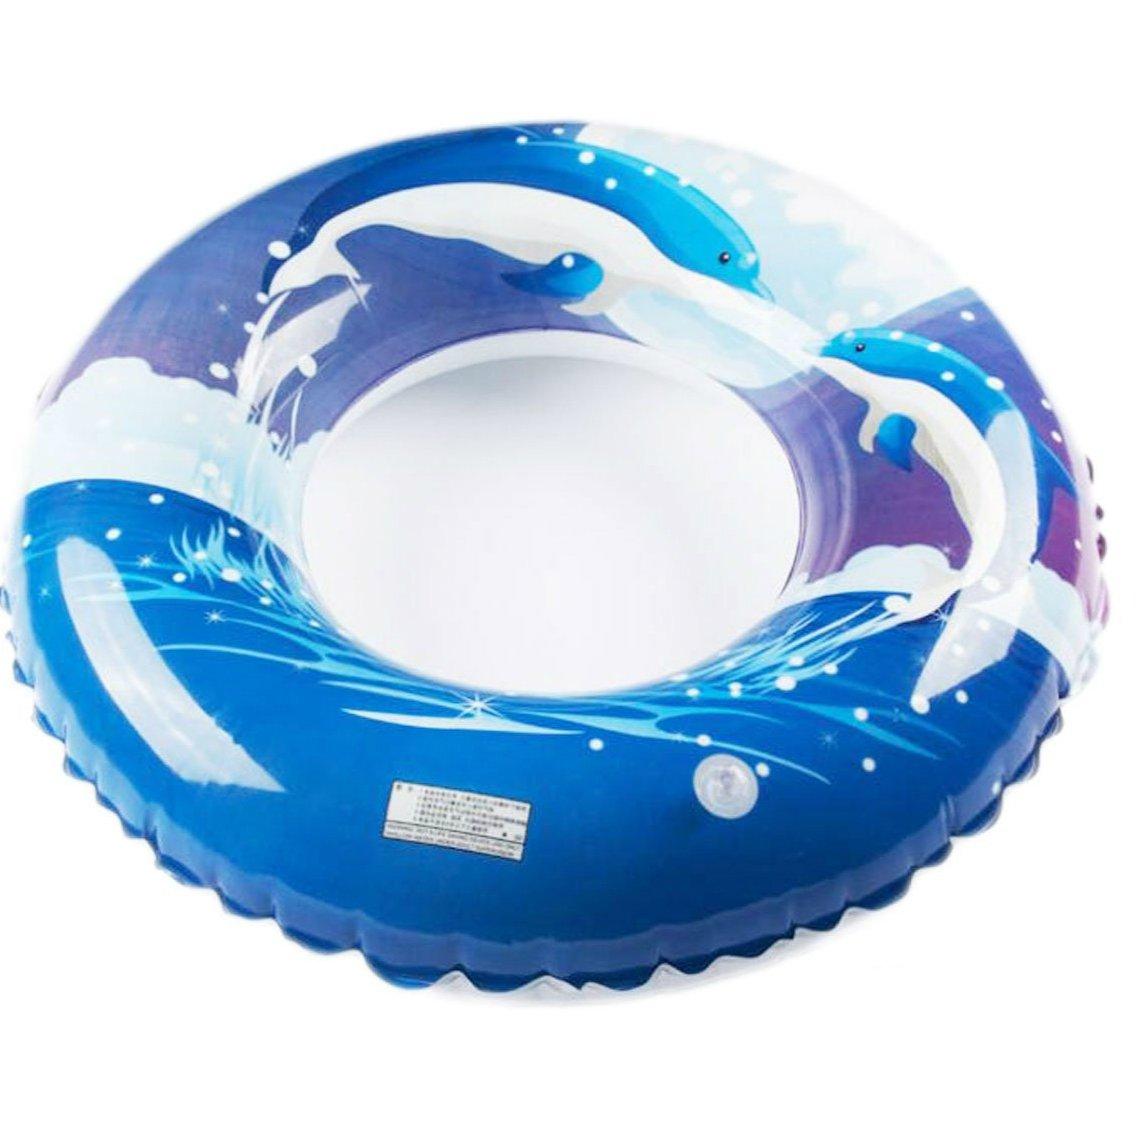 Cute elegante delfines flotador inflable piscina flotador agua juguetes piscina juguete más gruesos fiesta en la piscina playa de seguridad para adultos y ...